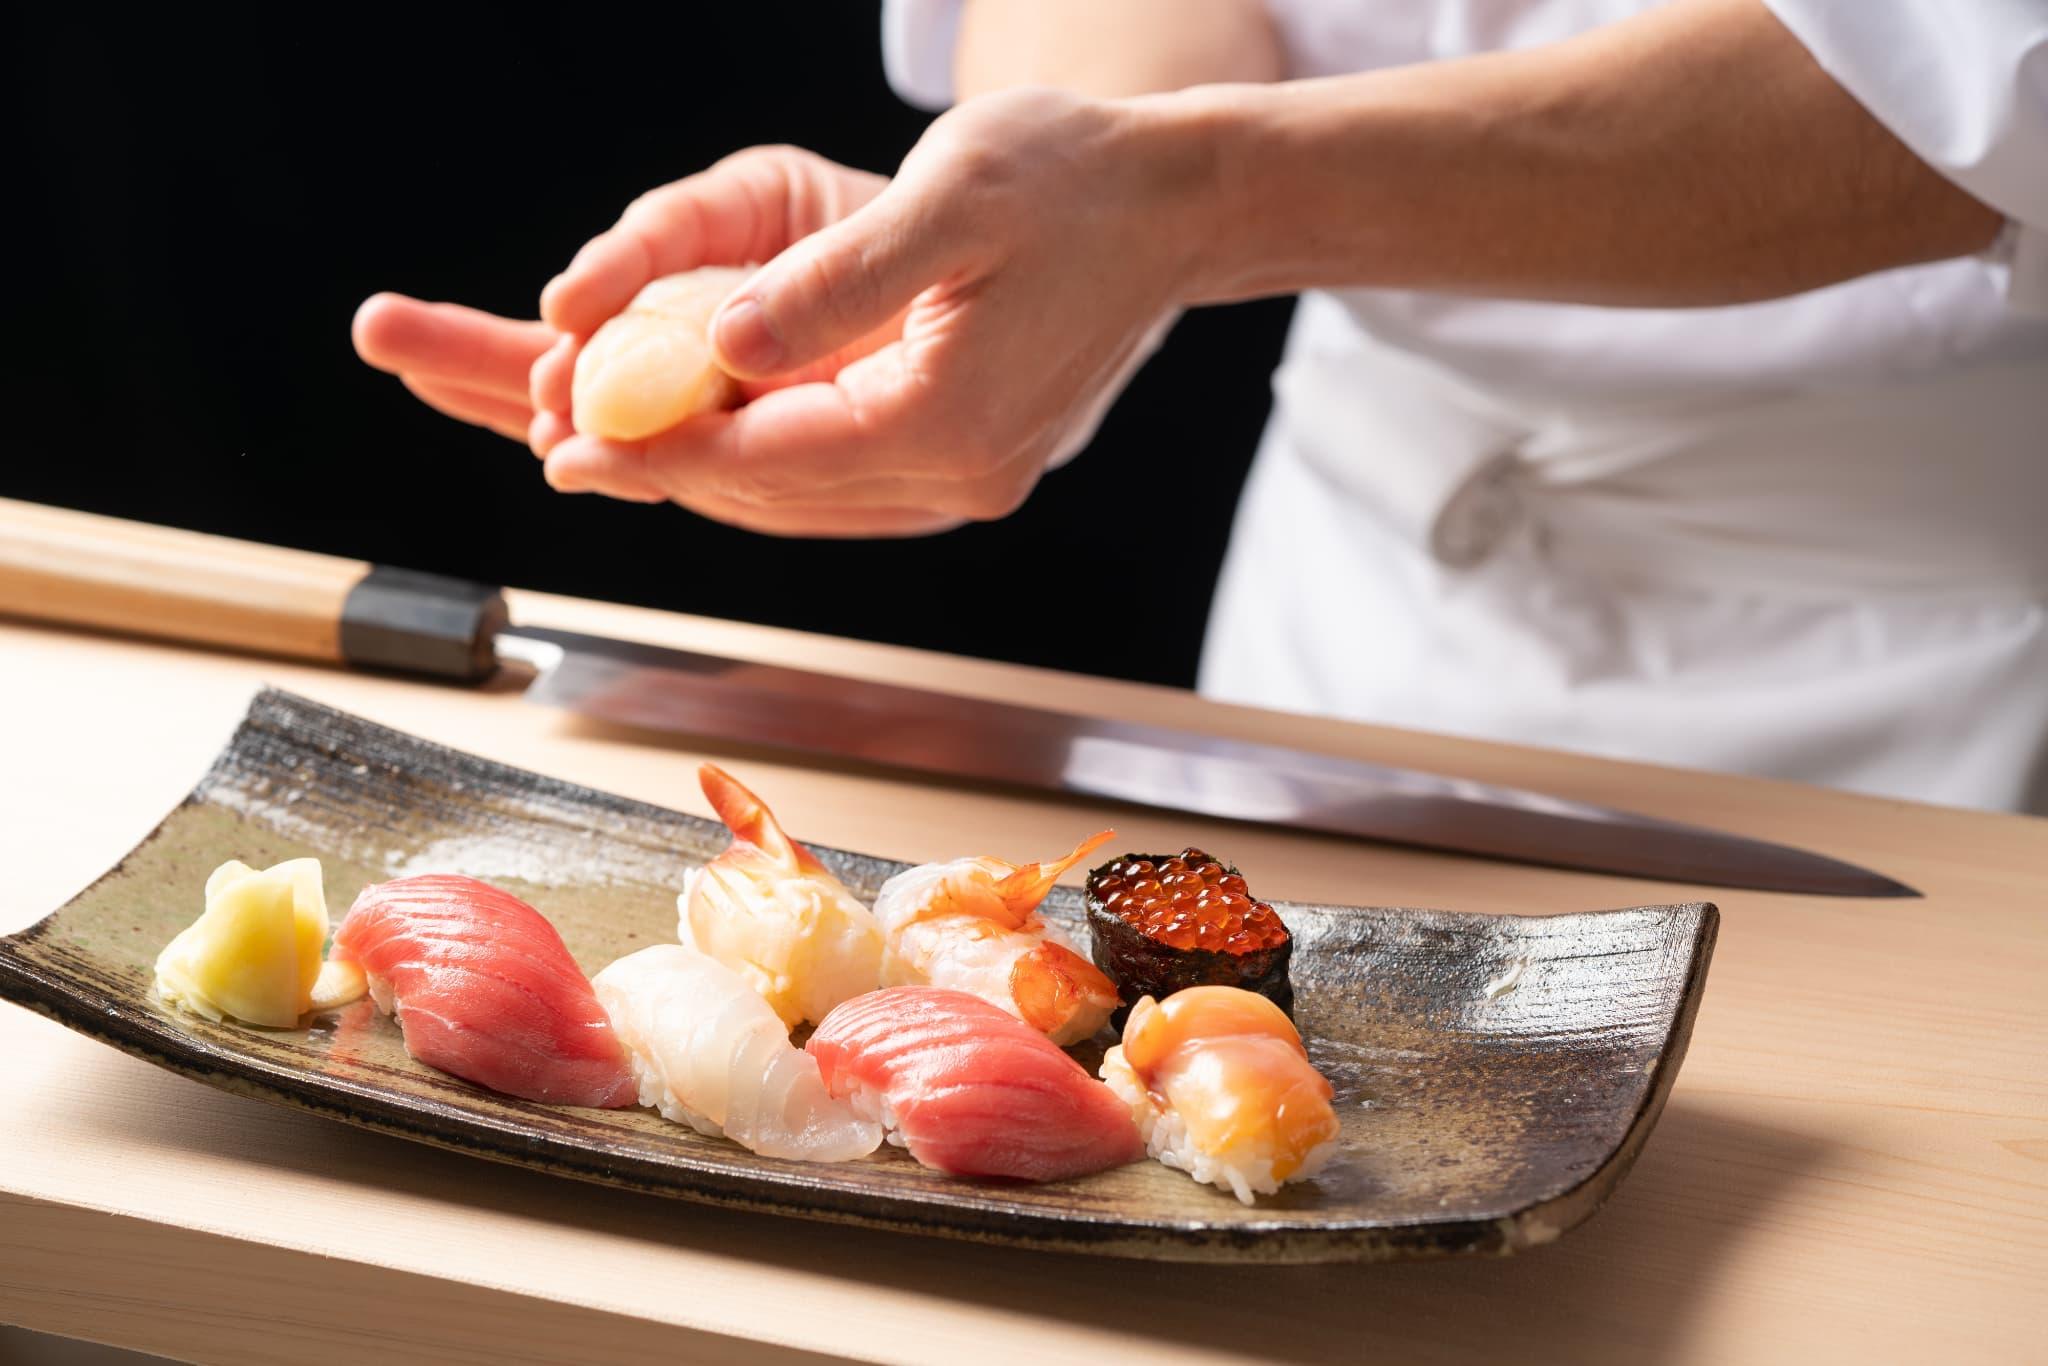 料理写真_寿司を握っているシーン